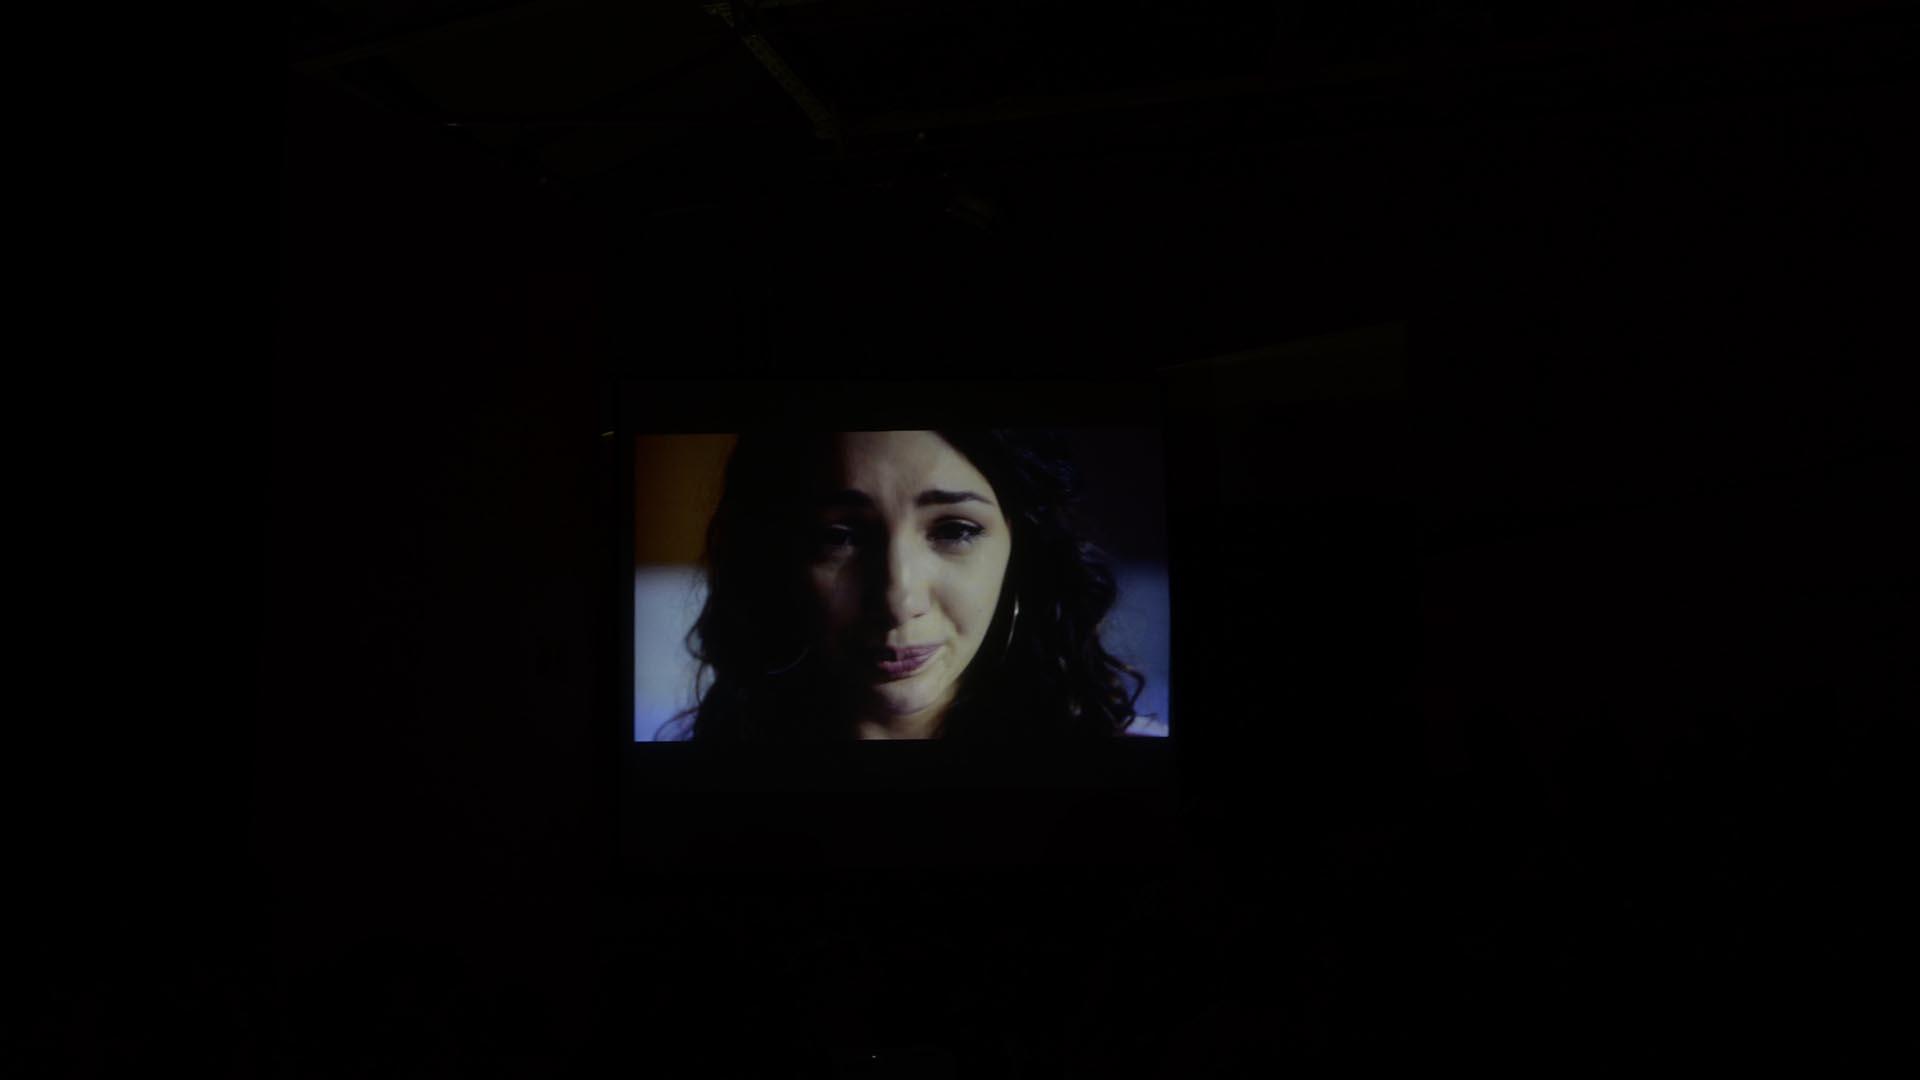 Durante el encuentro se proyectó el crudo relato de la actriz en un video